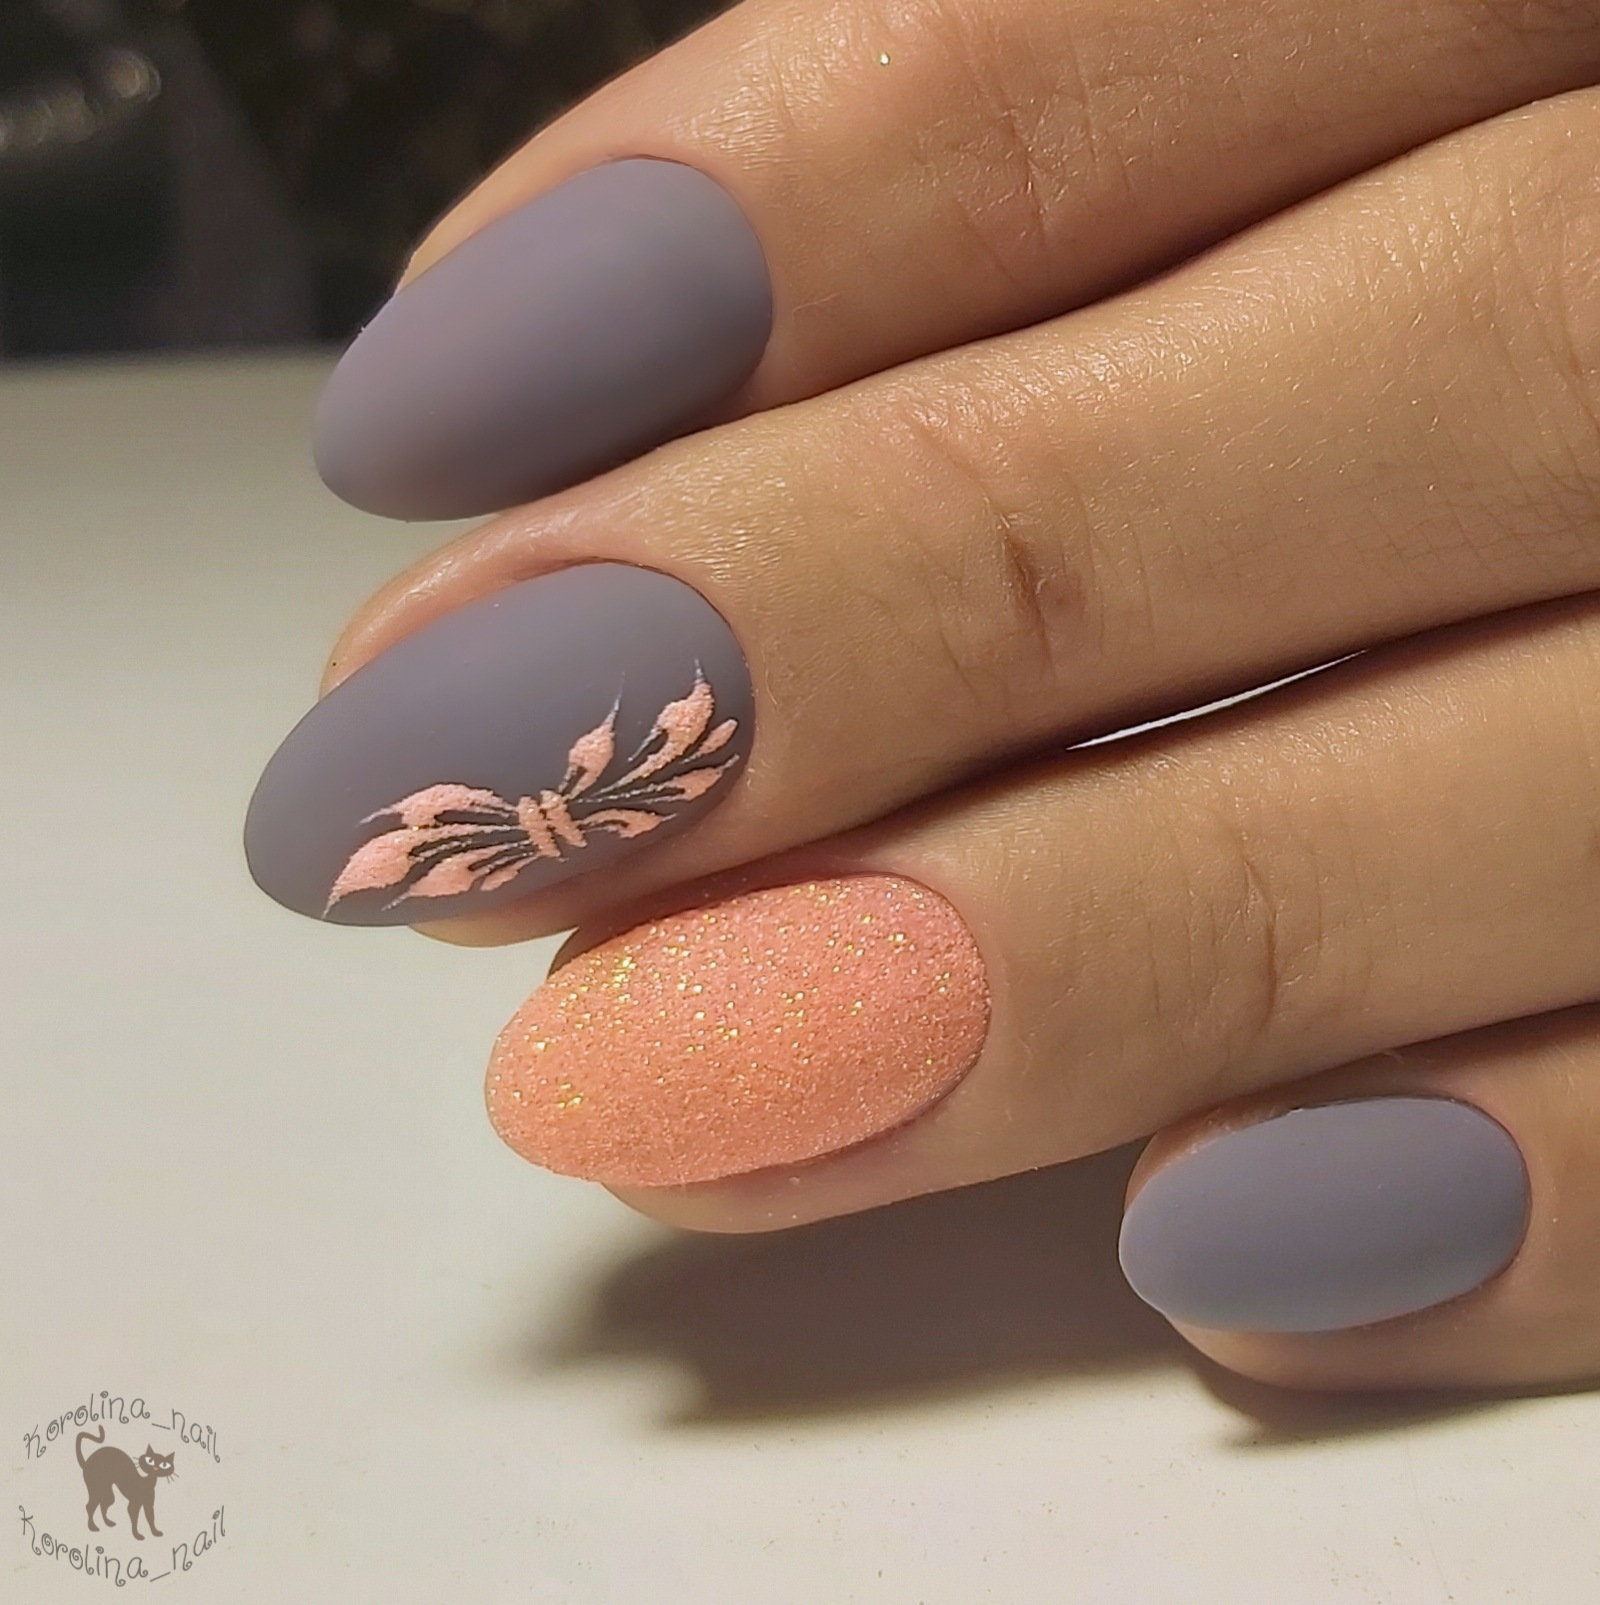 Матовый маникюр с песочным дизайном и рисунком в сером цвете на короткие ногти.